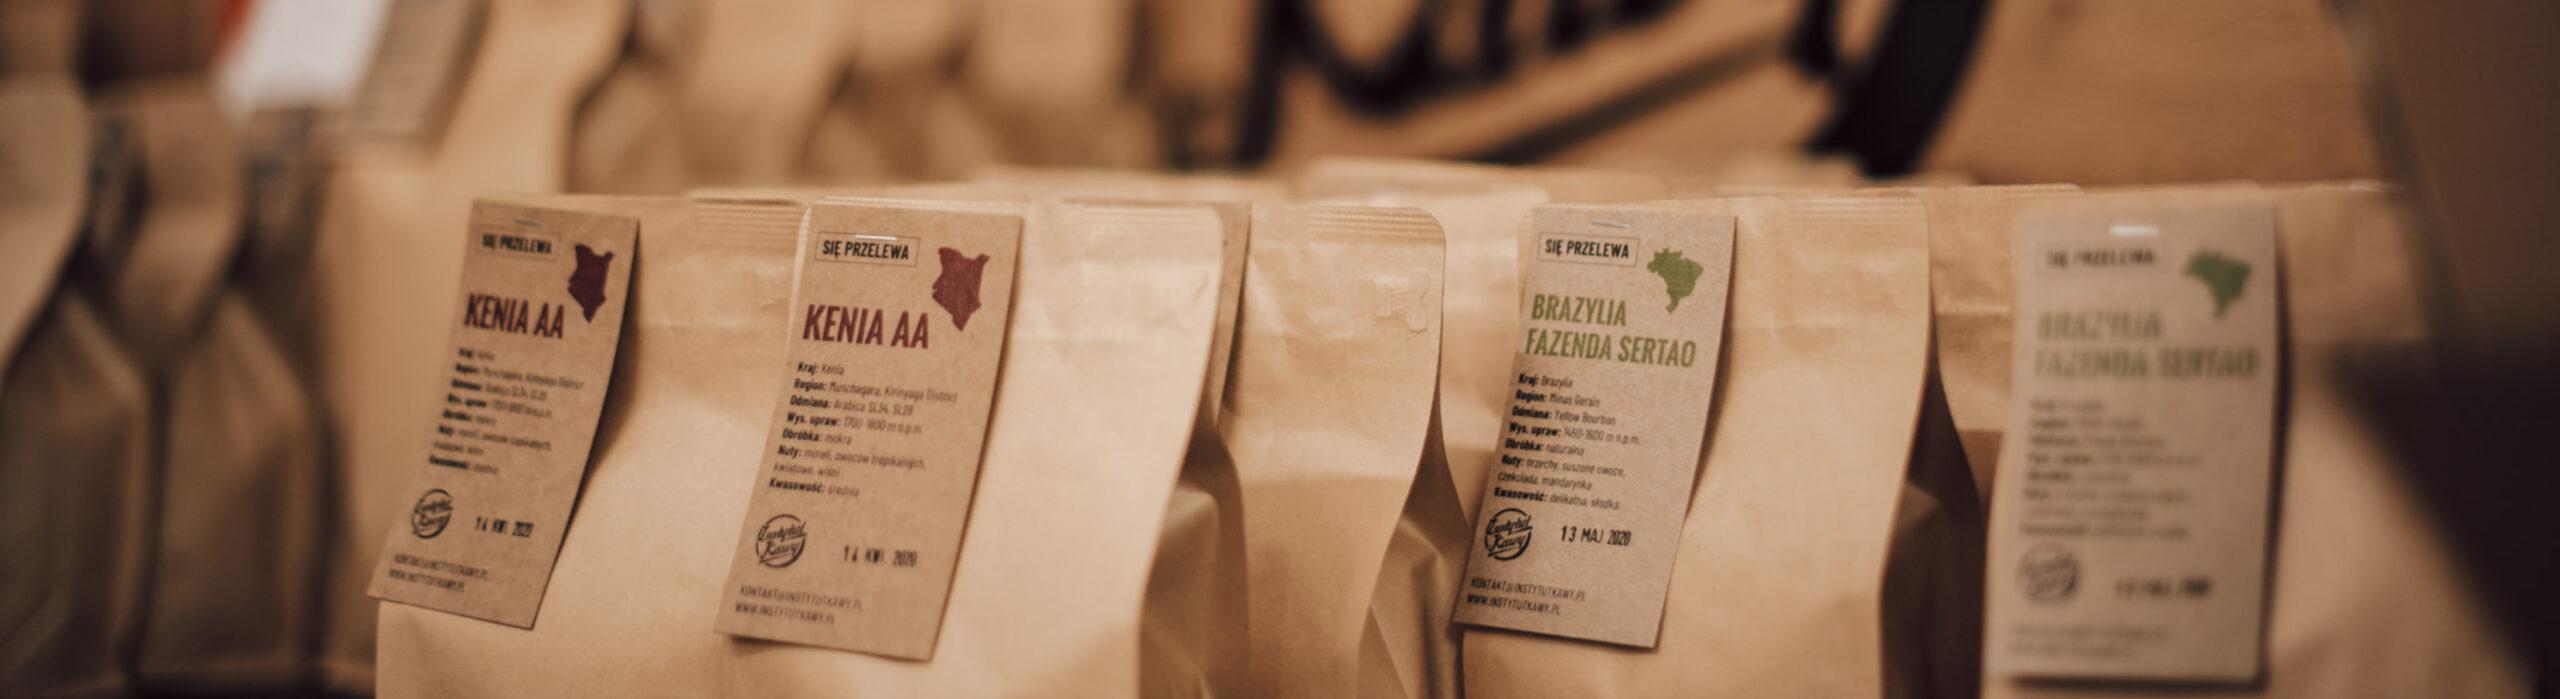 Instytut Kawy - torebki z kawą